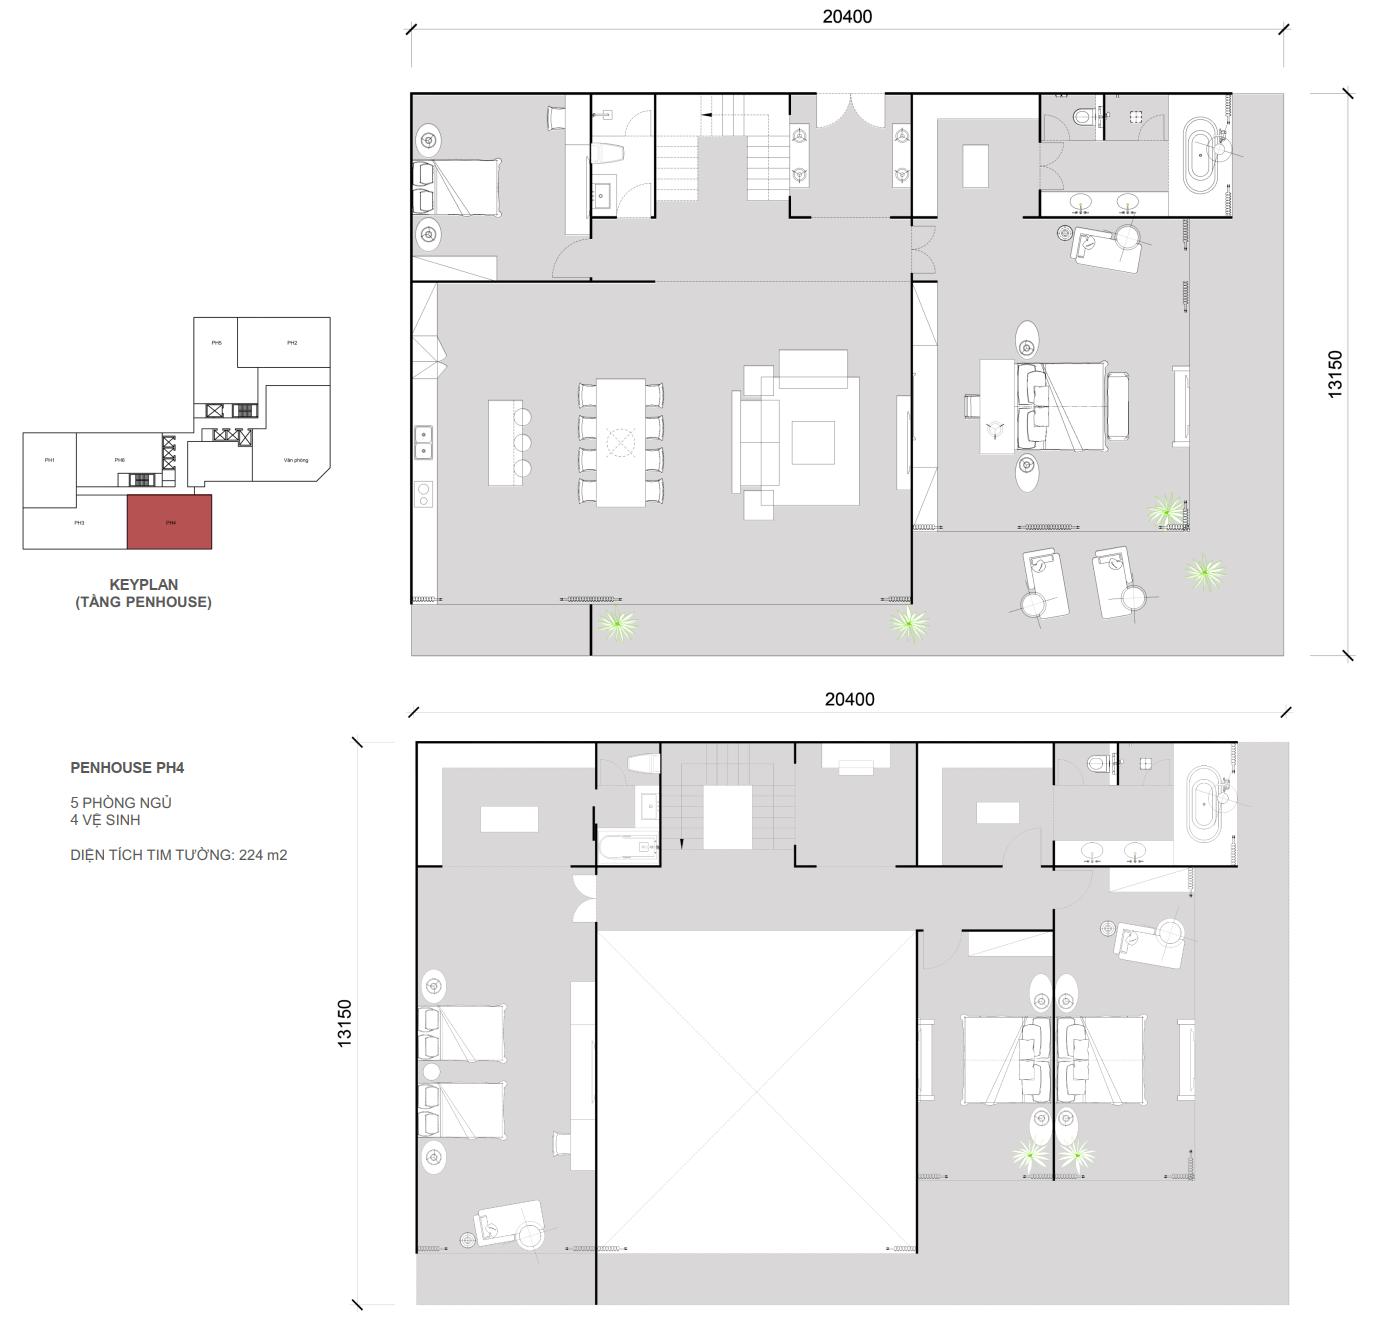 Thiết kế căn Penhouse 04 - 5 ngủ 4 wc - Diện tích 224 m2